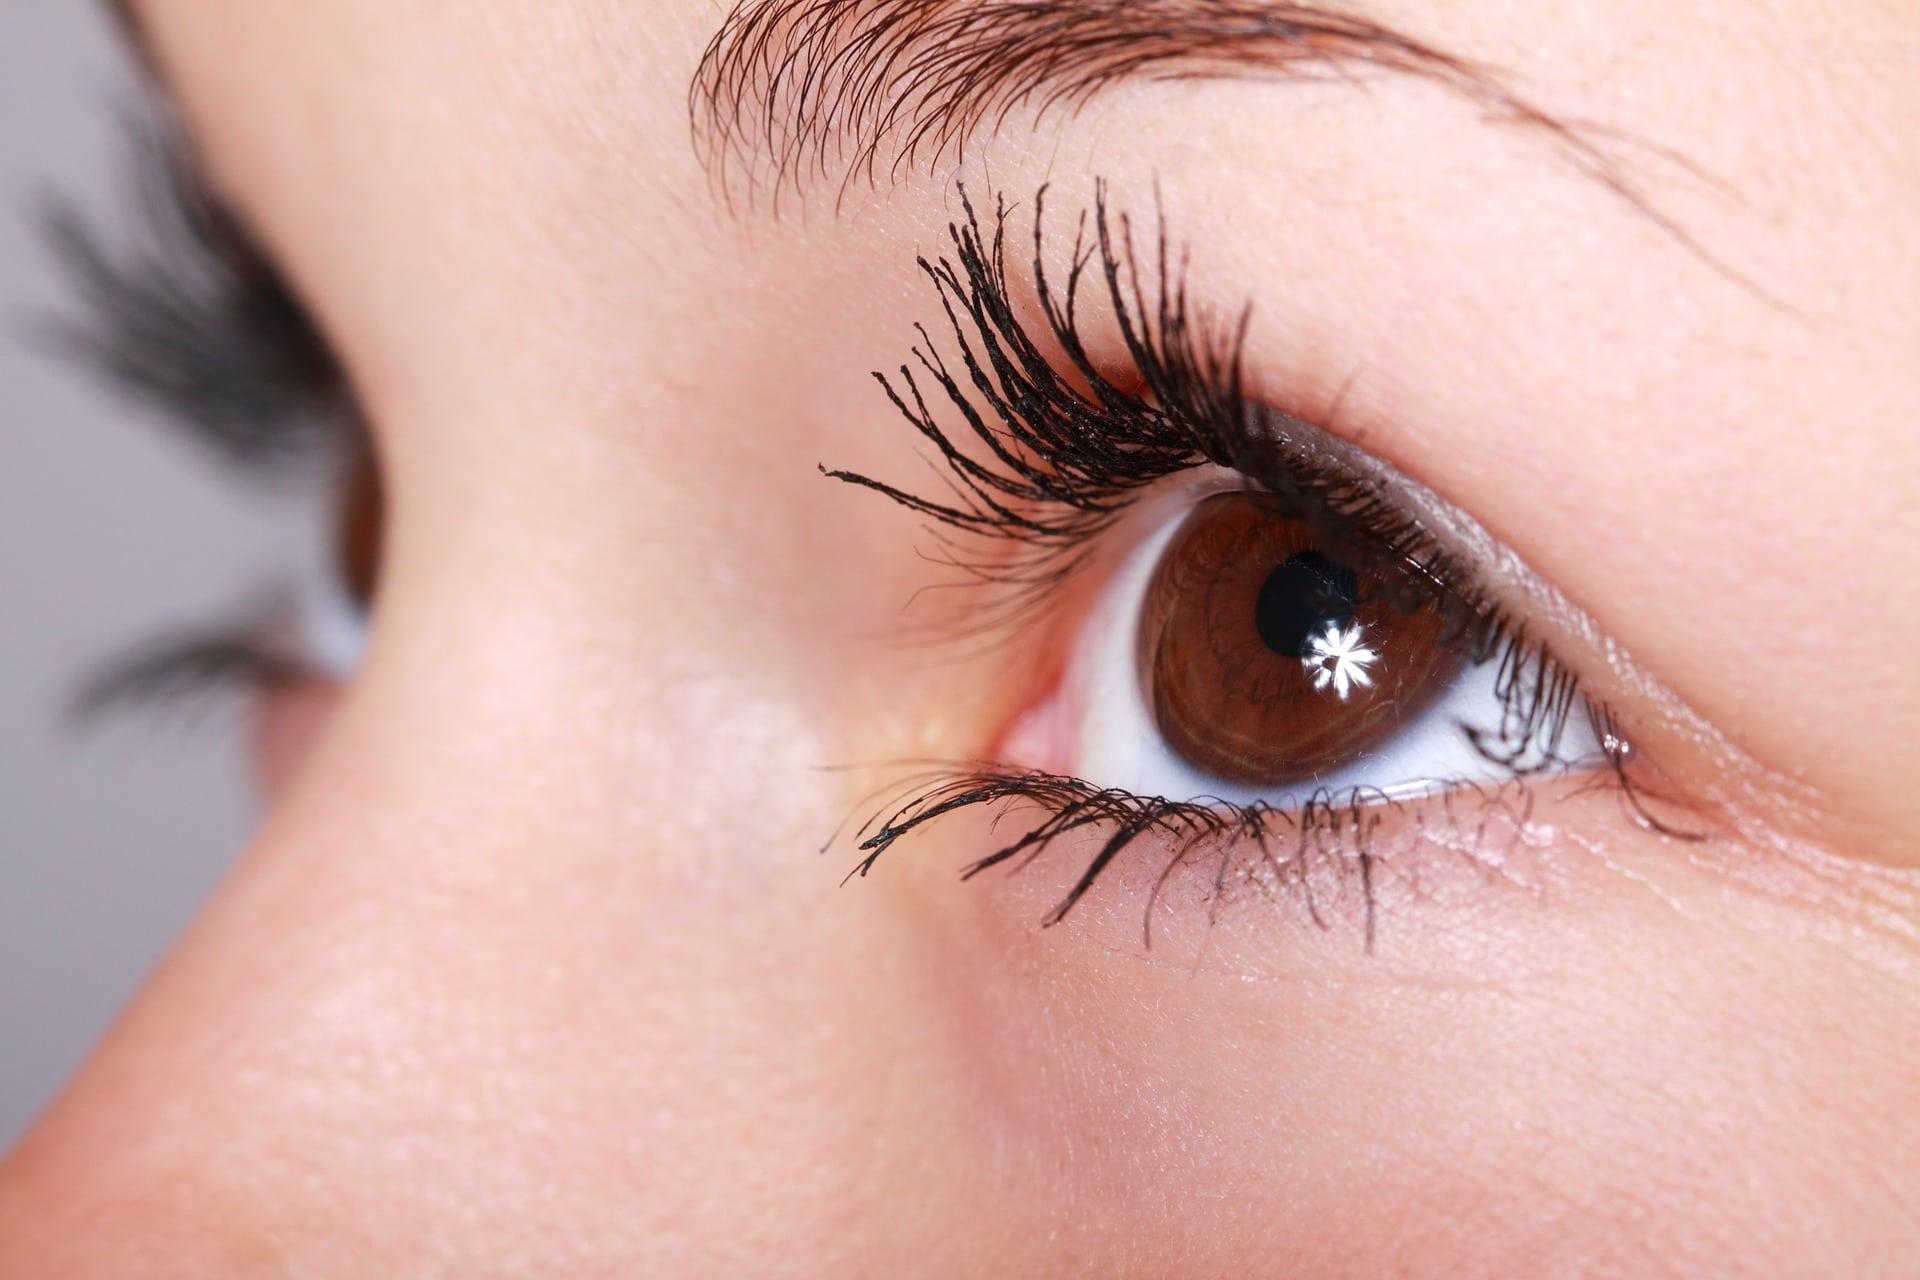 kako sacuvati zdravlje oka